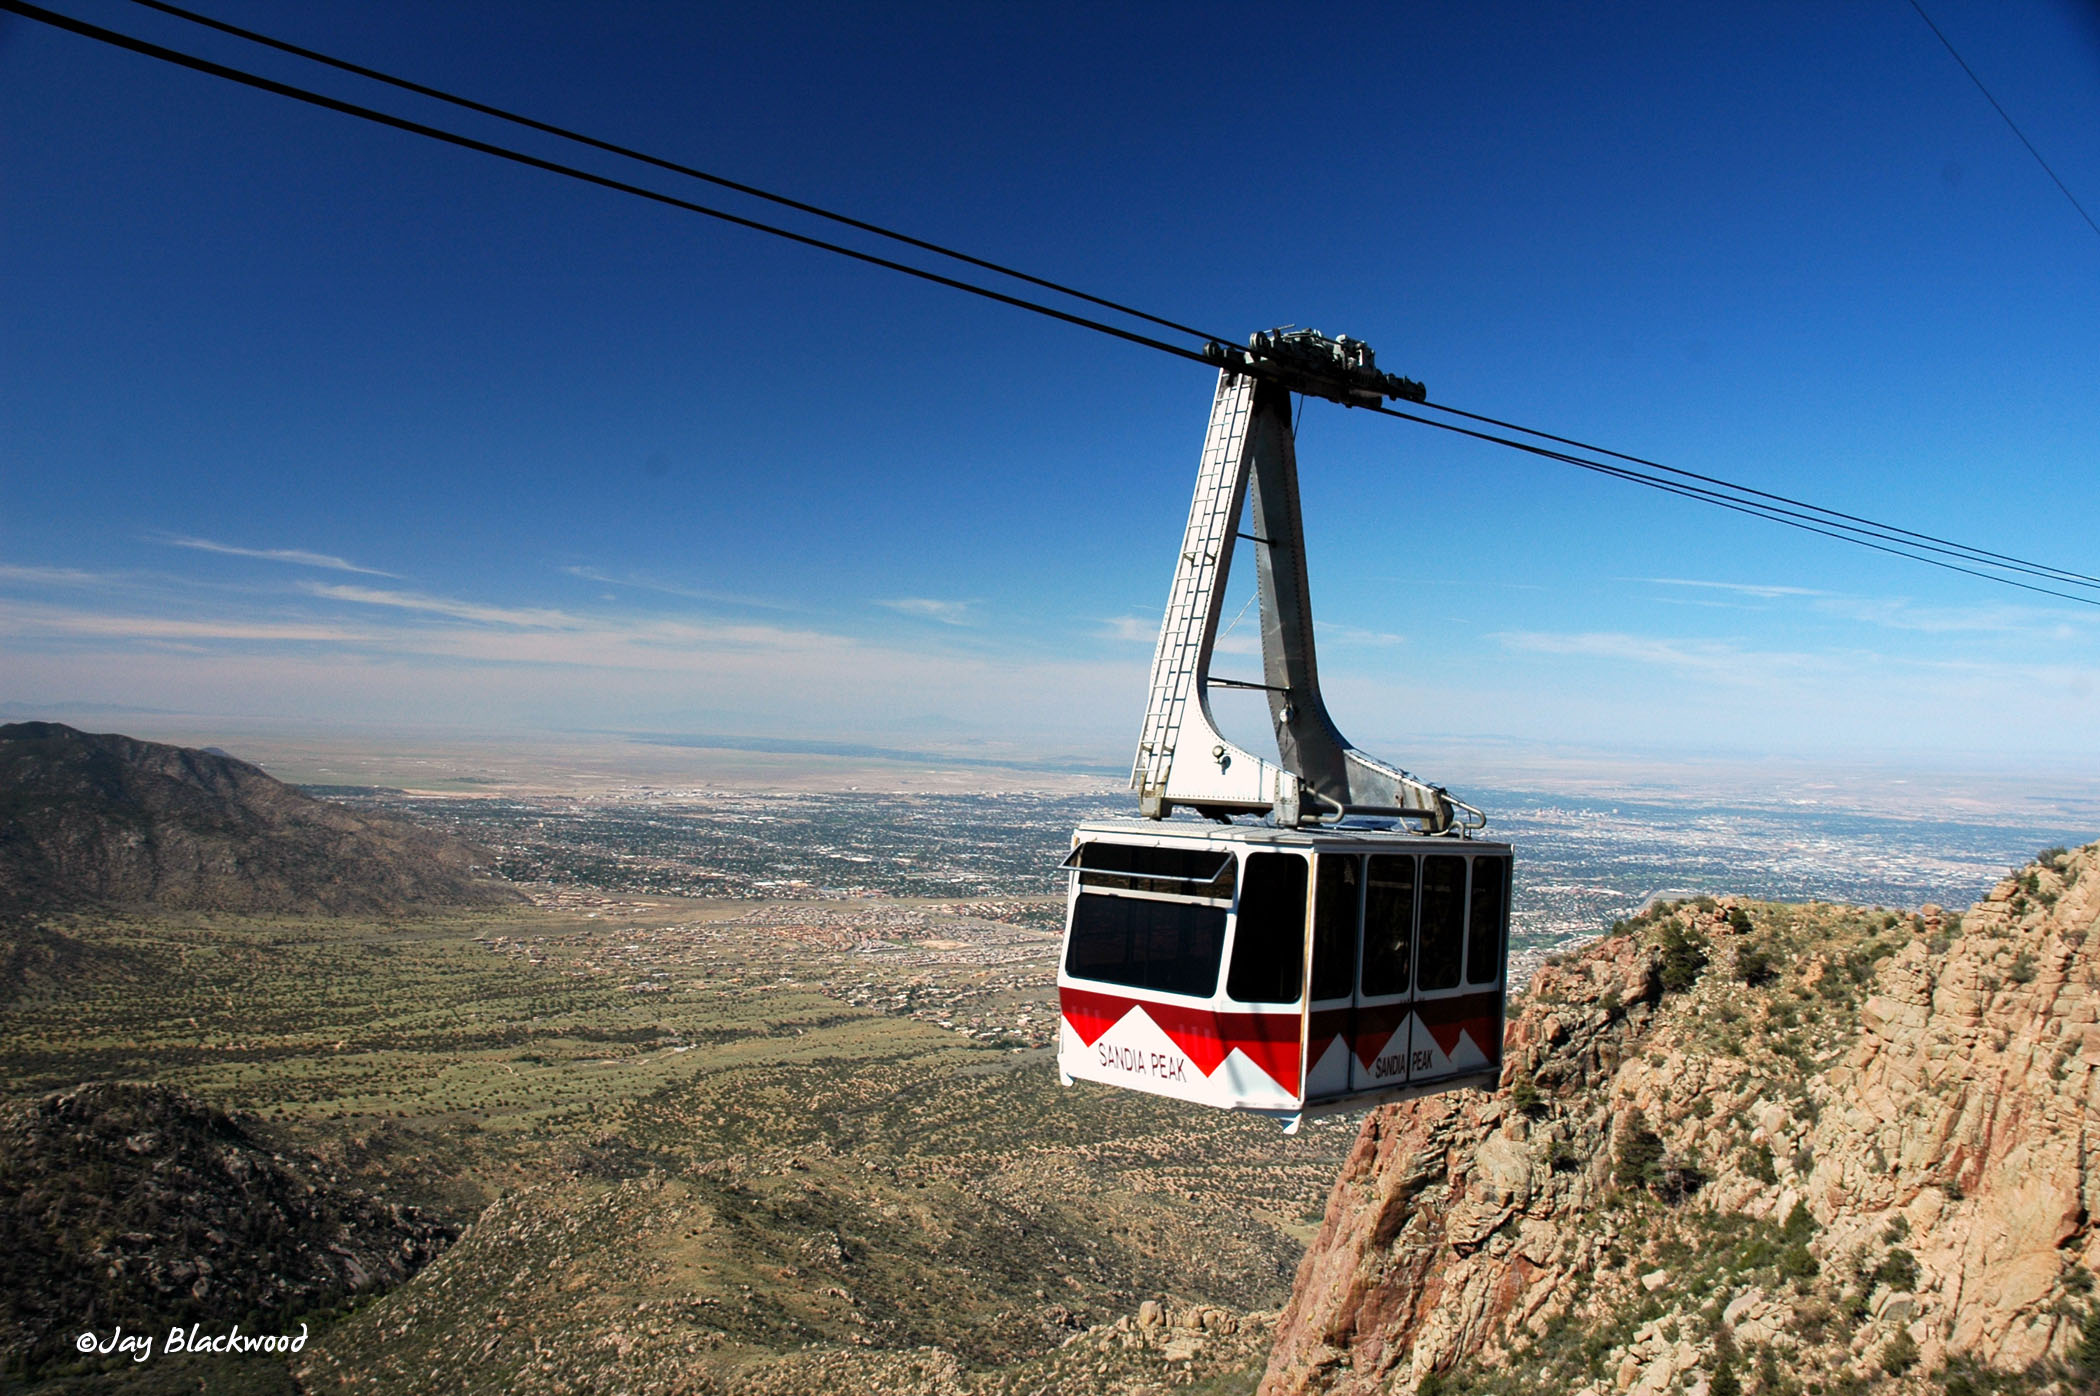 Sandia Peak Aerial Tramway in Albuquerque